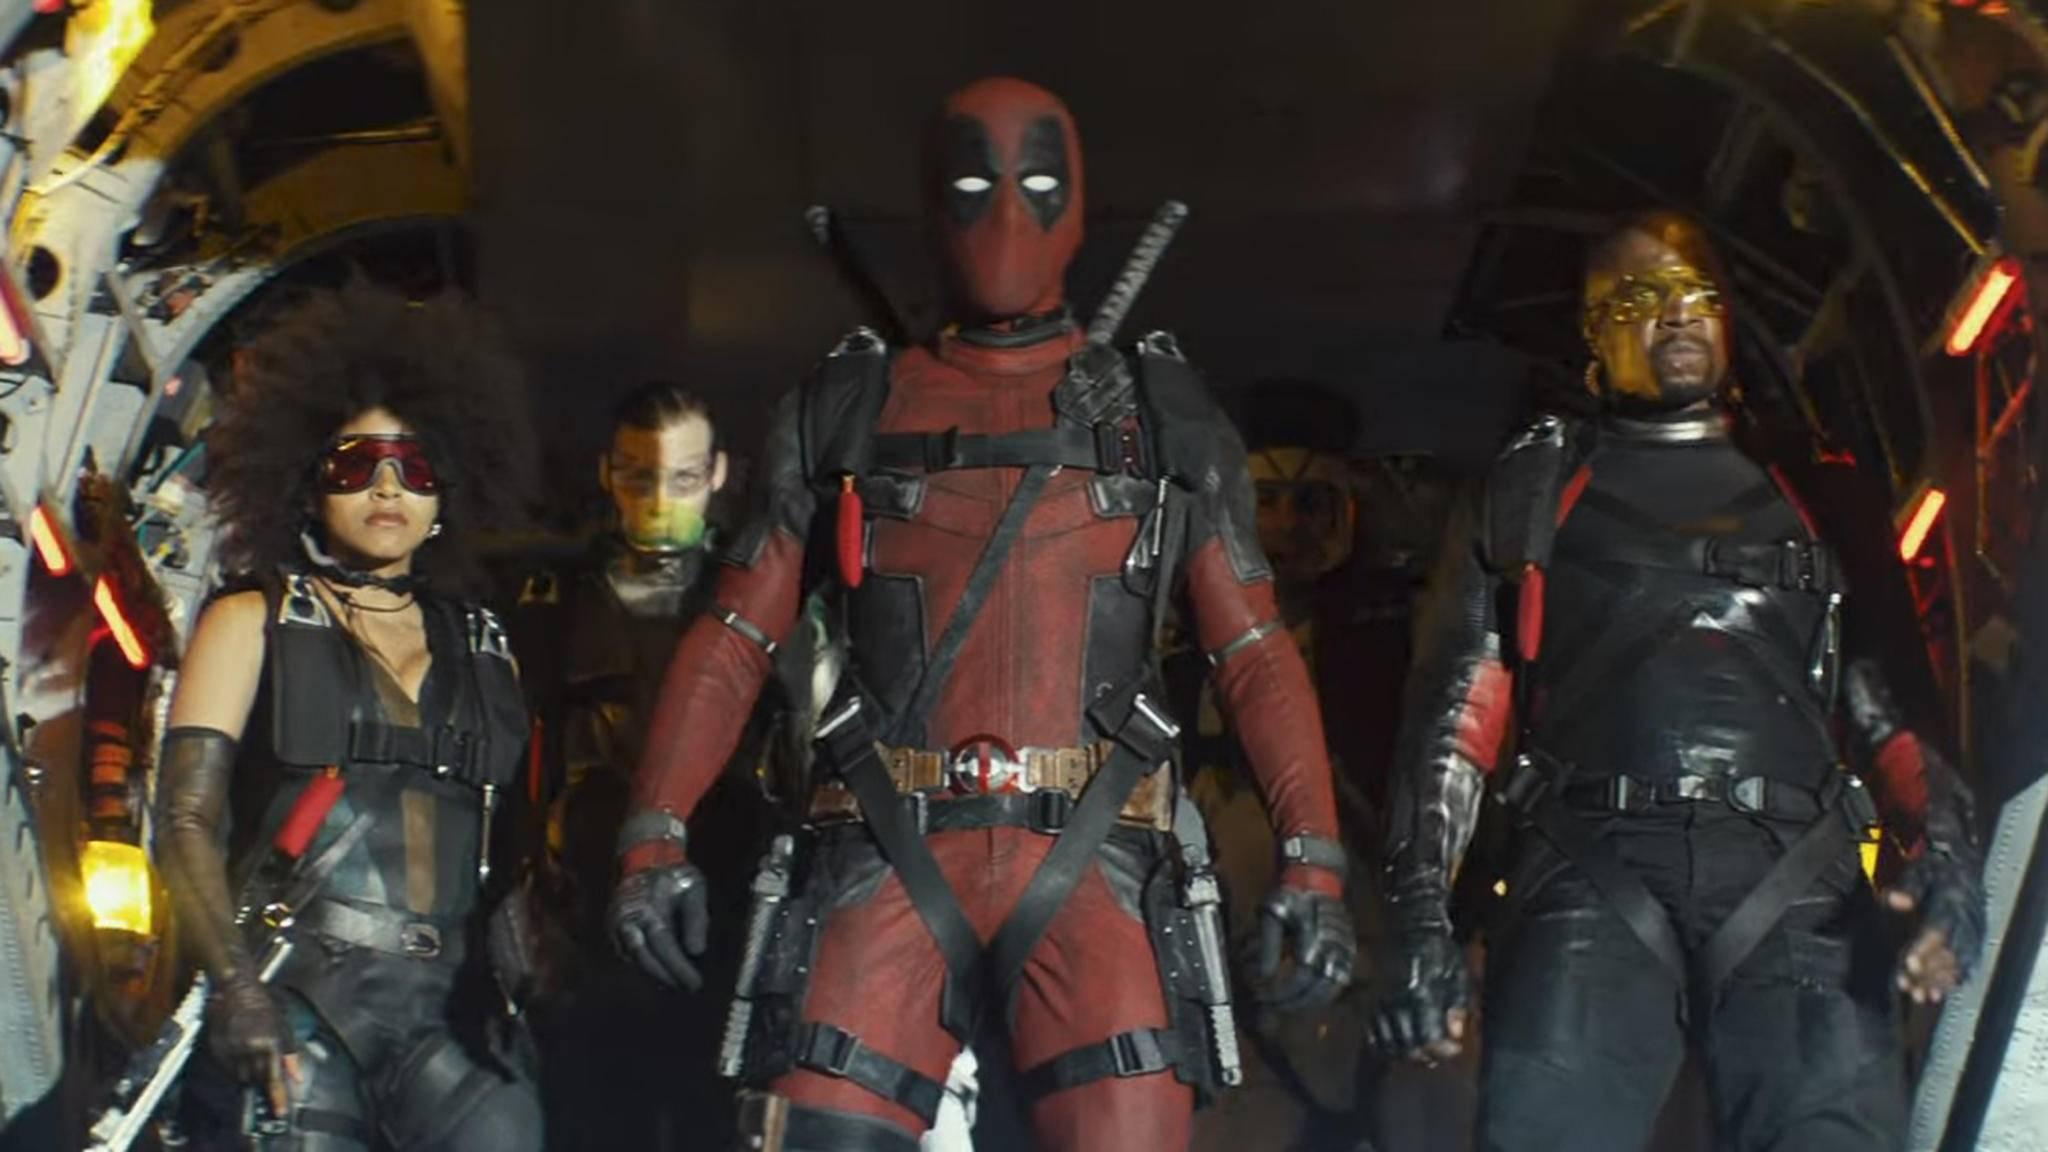 Terry Crews (rechts von Ryan Reynolds als Deadpool) könnte einen faszinierenden Mutanten verkörpern.